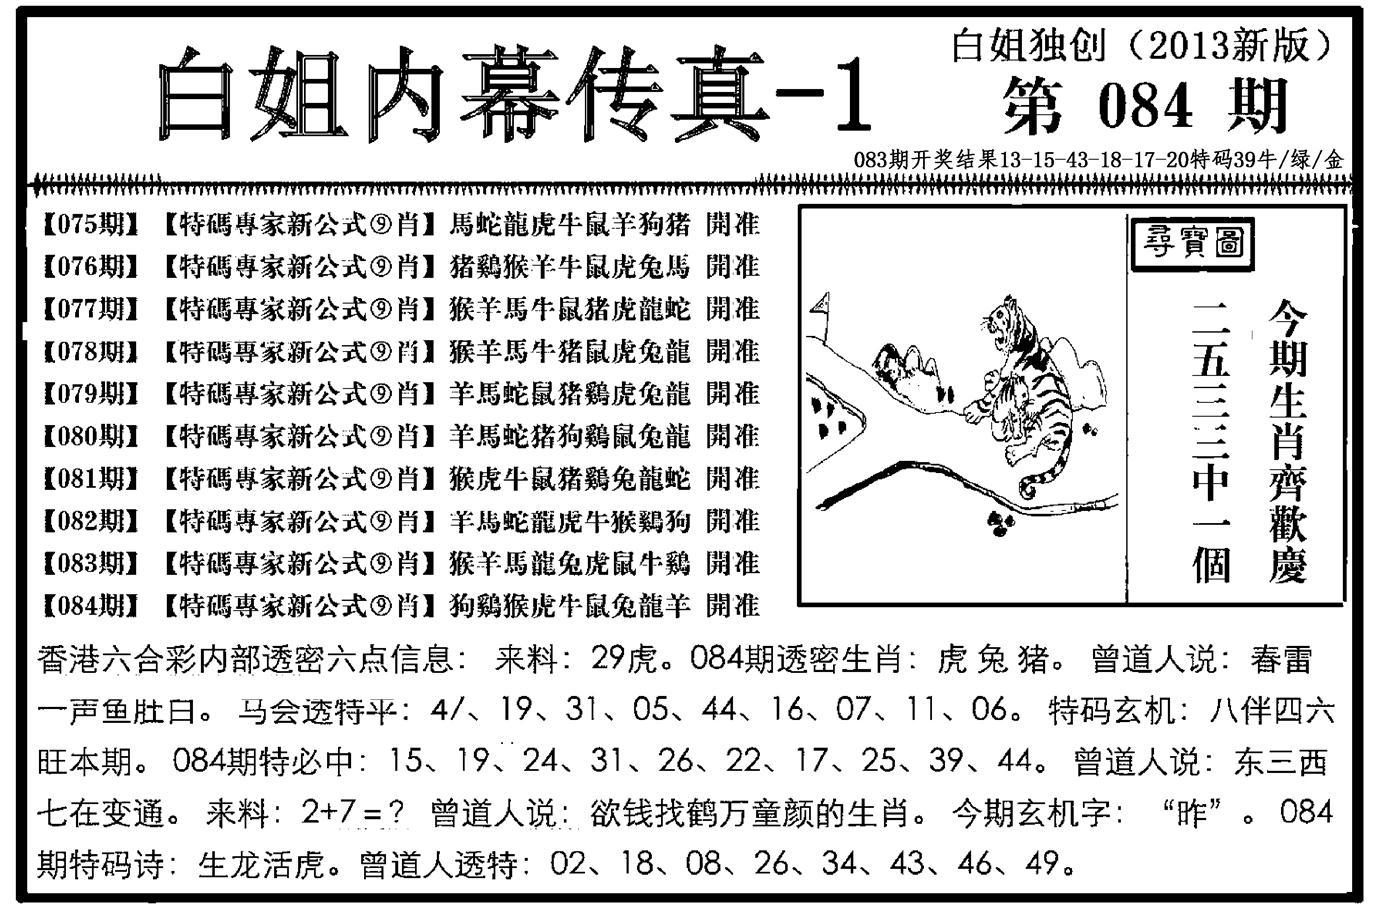 084期白姐内幕传真-1(黑白)